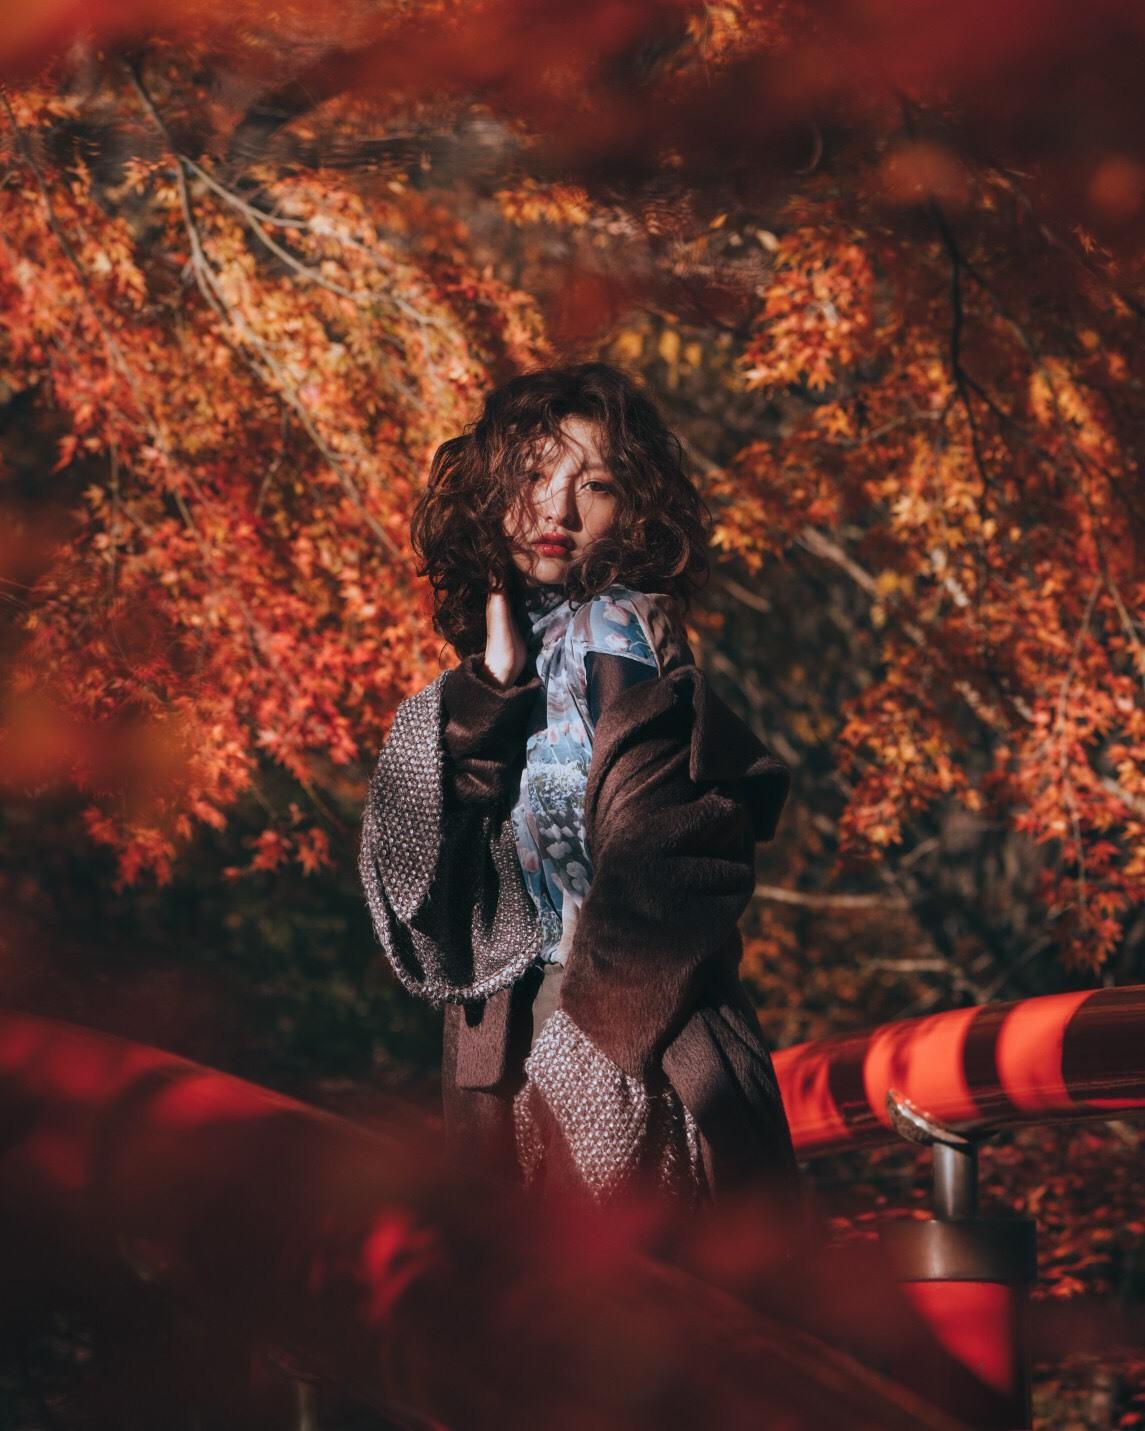 橋本萌花の画像 p1_35